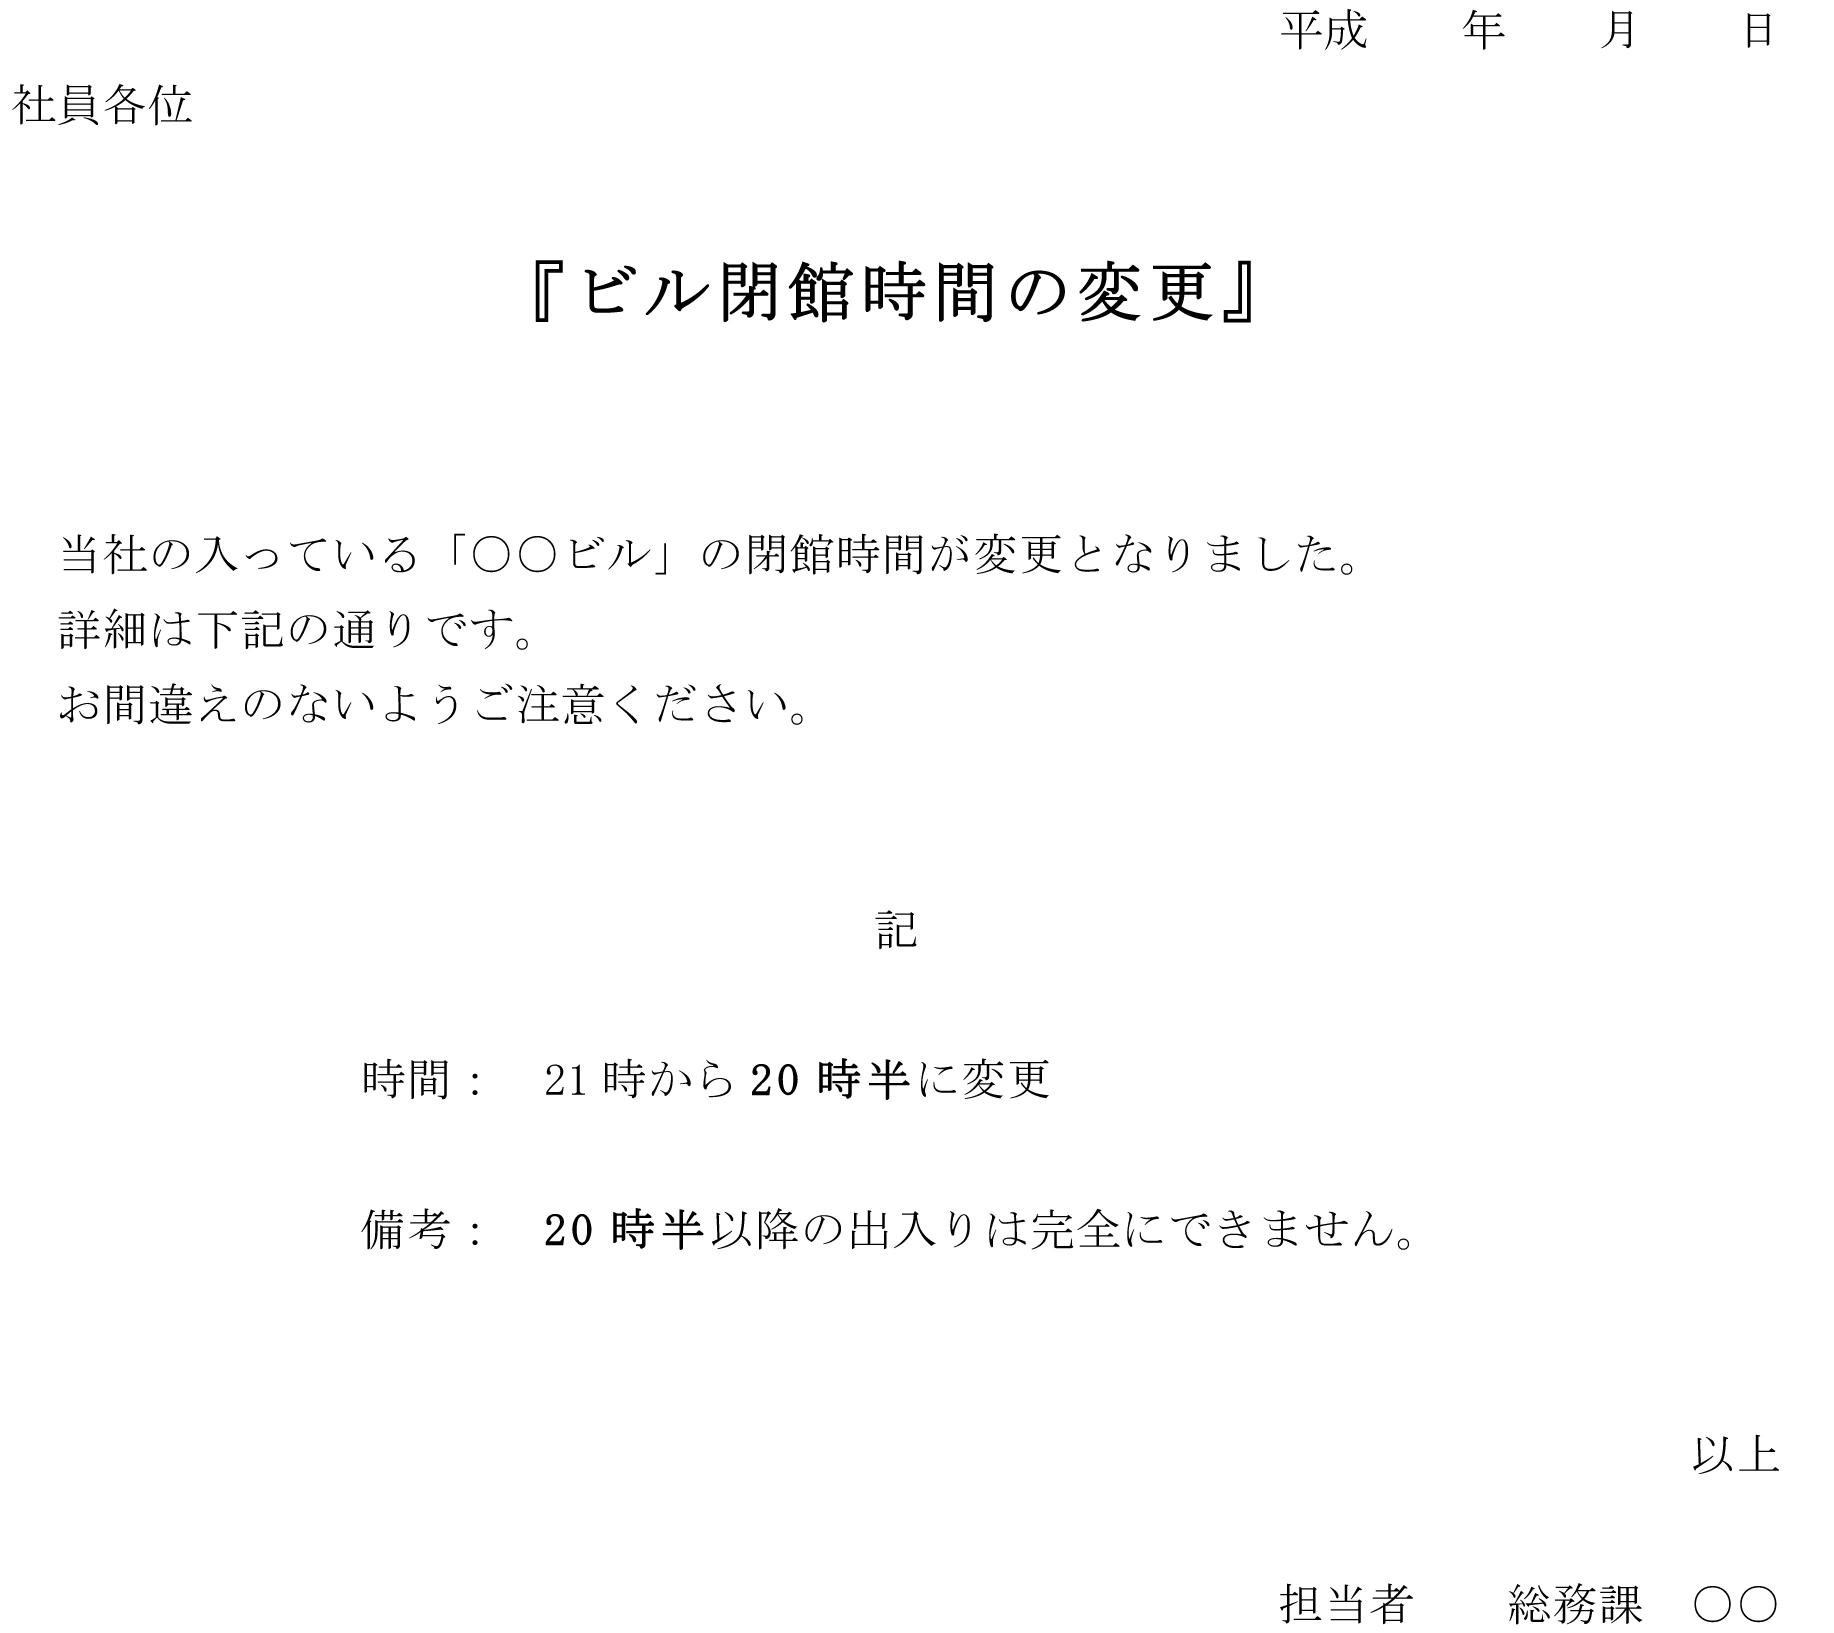 通知(ビル閉館時間の変更)のテンプレート書式